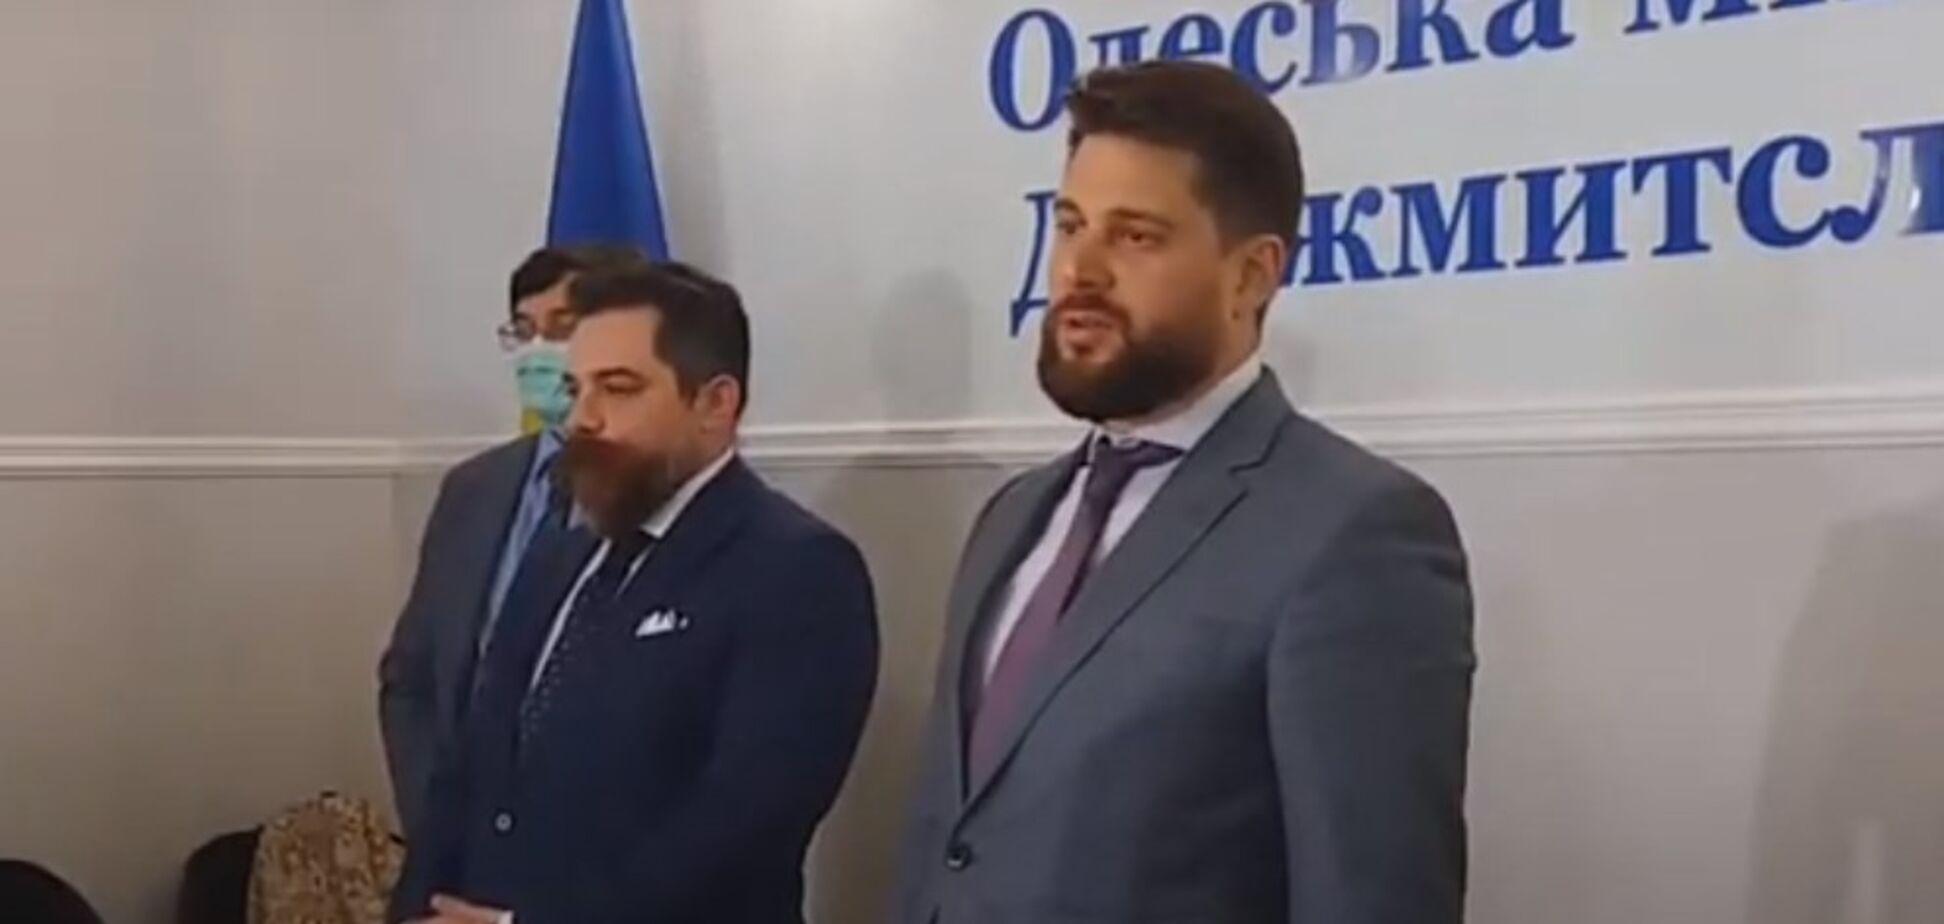 Глава Одесской таможни появился на публике и рассказал о его 'задержании'. Видео